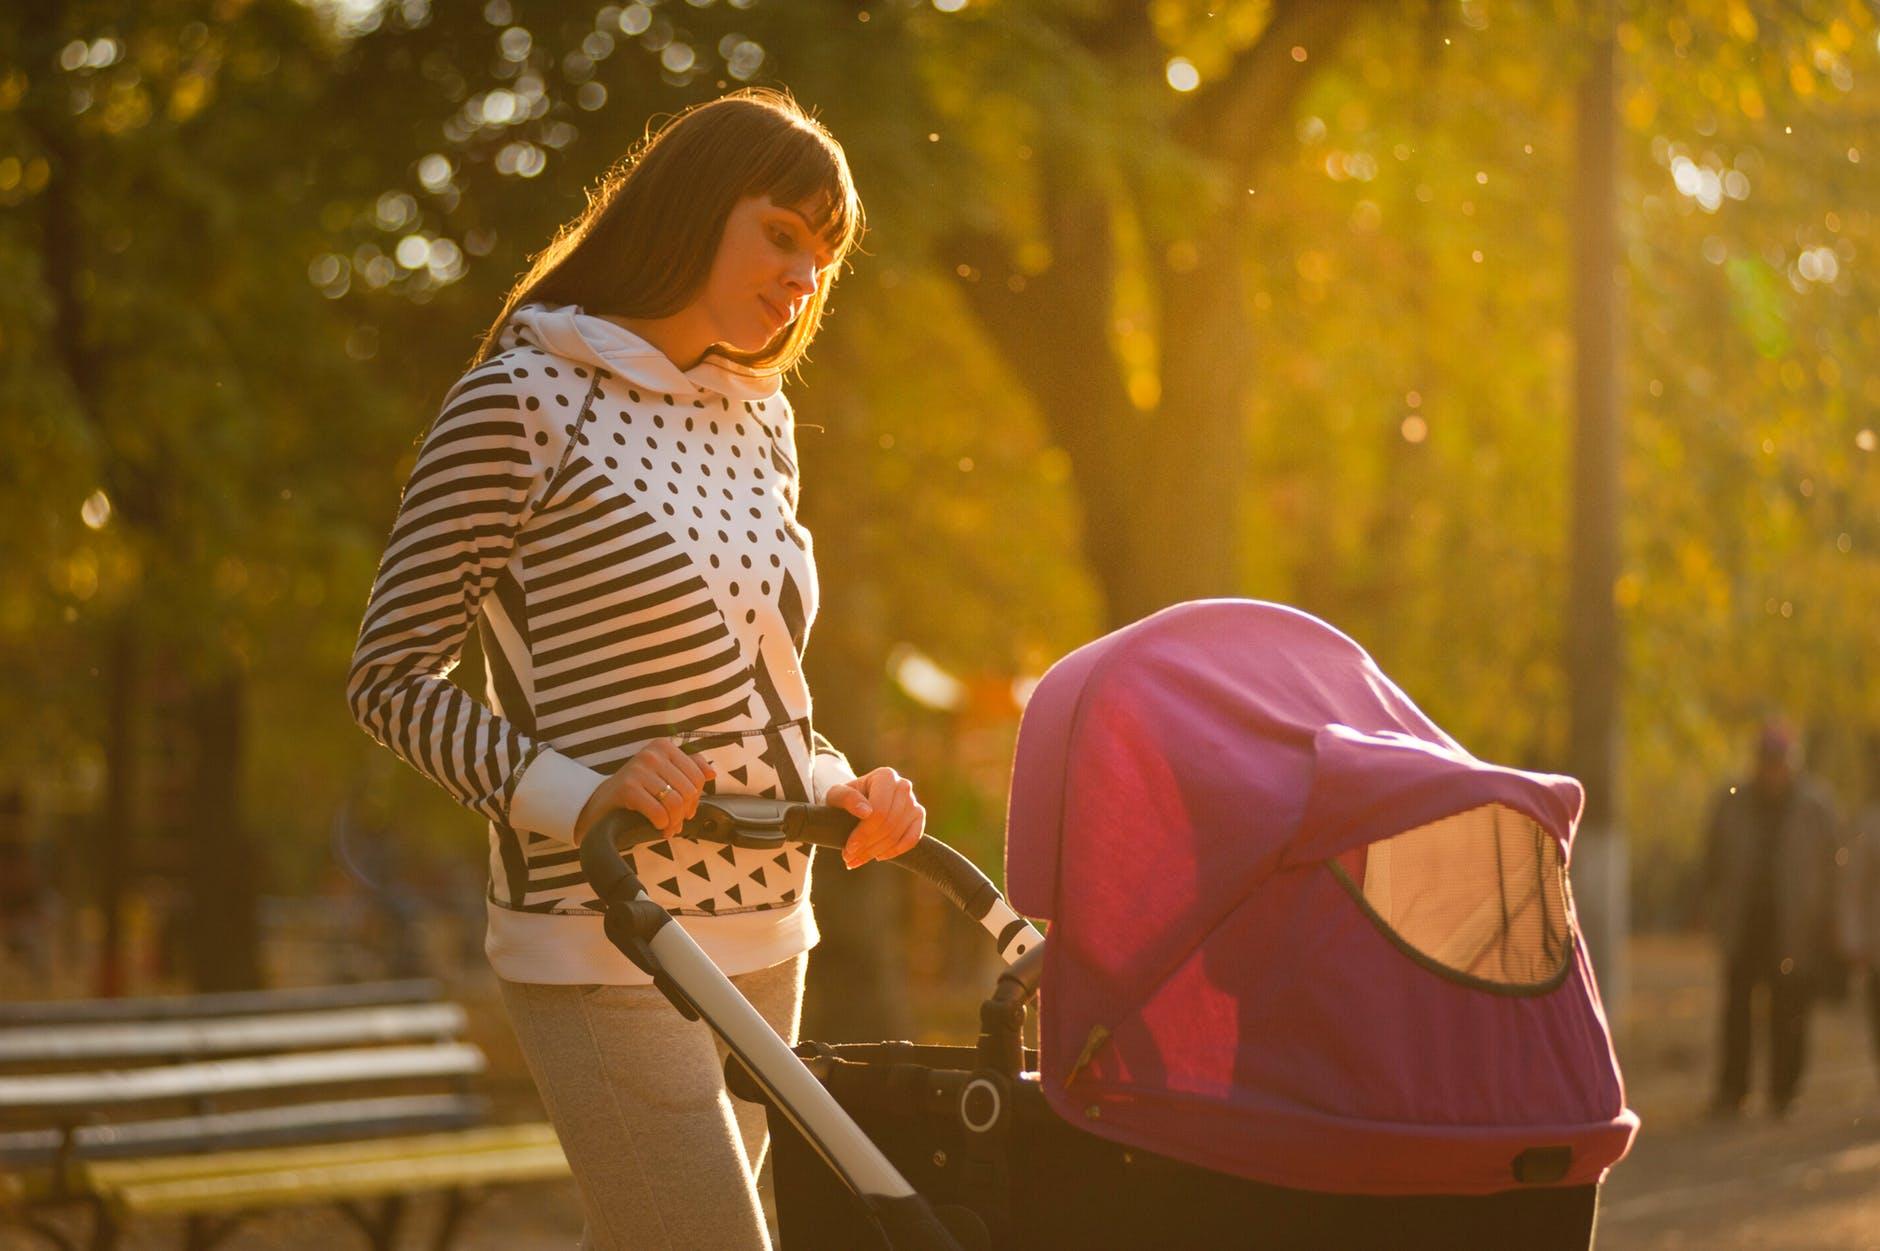 zena majka dijete kolica park